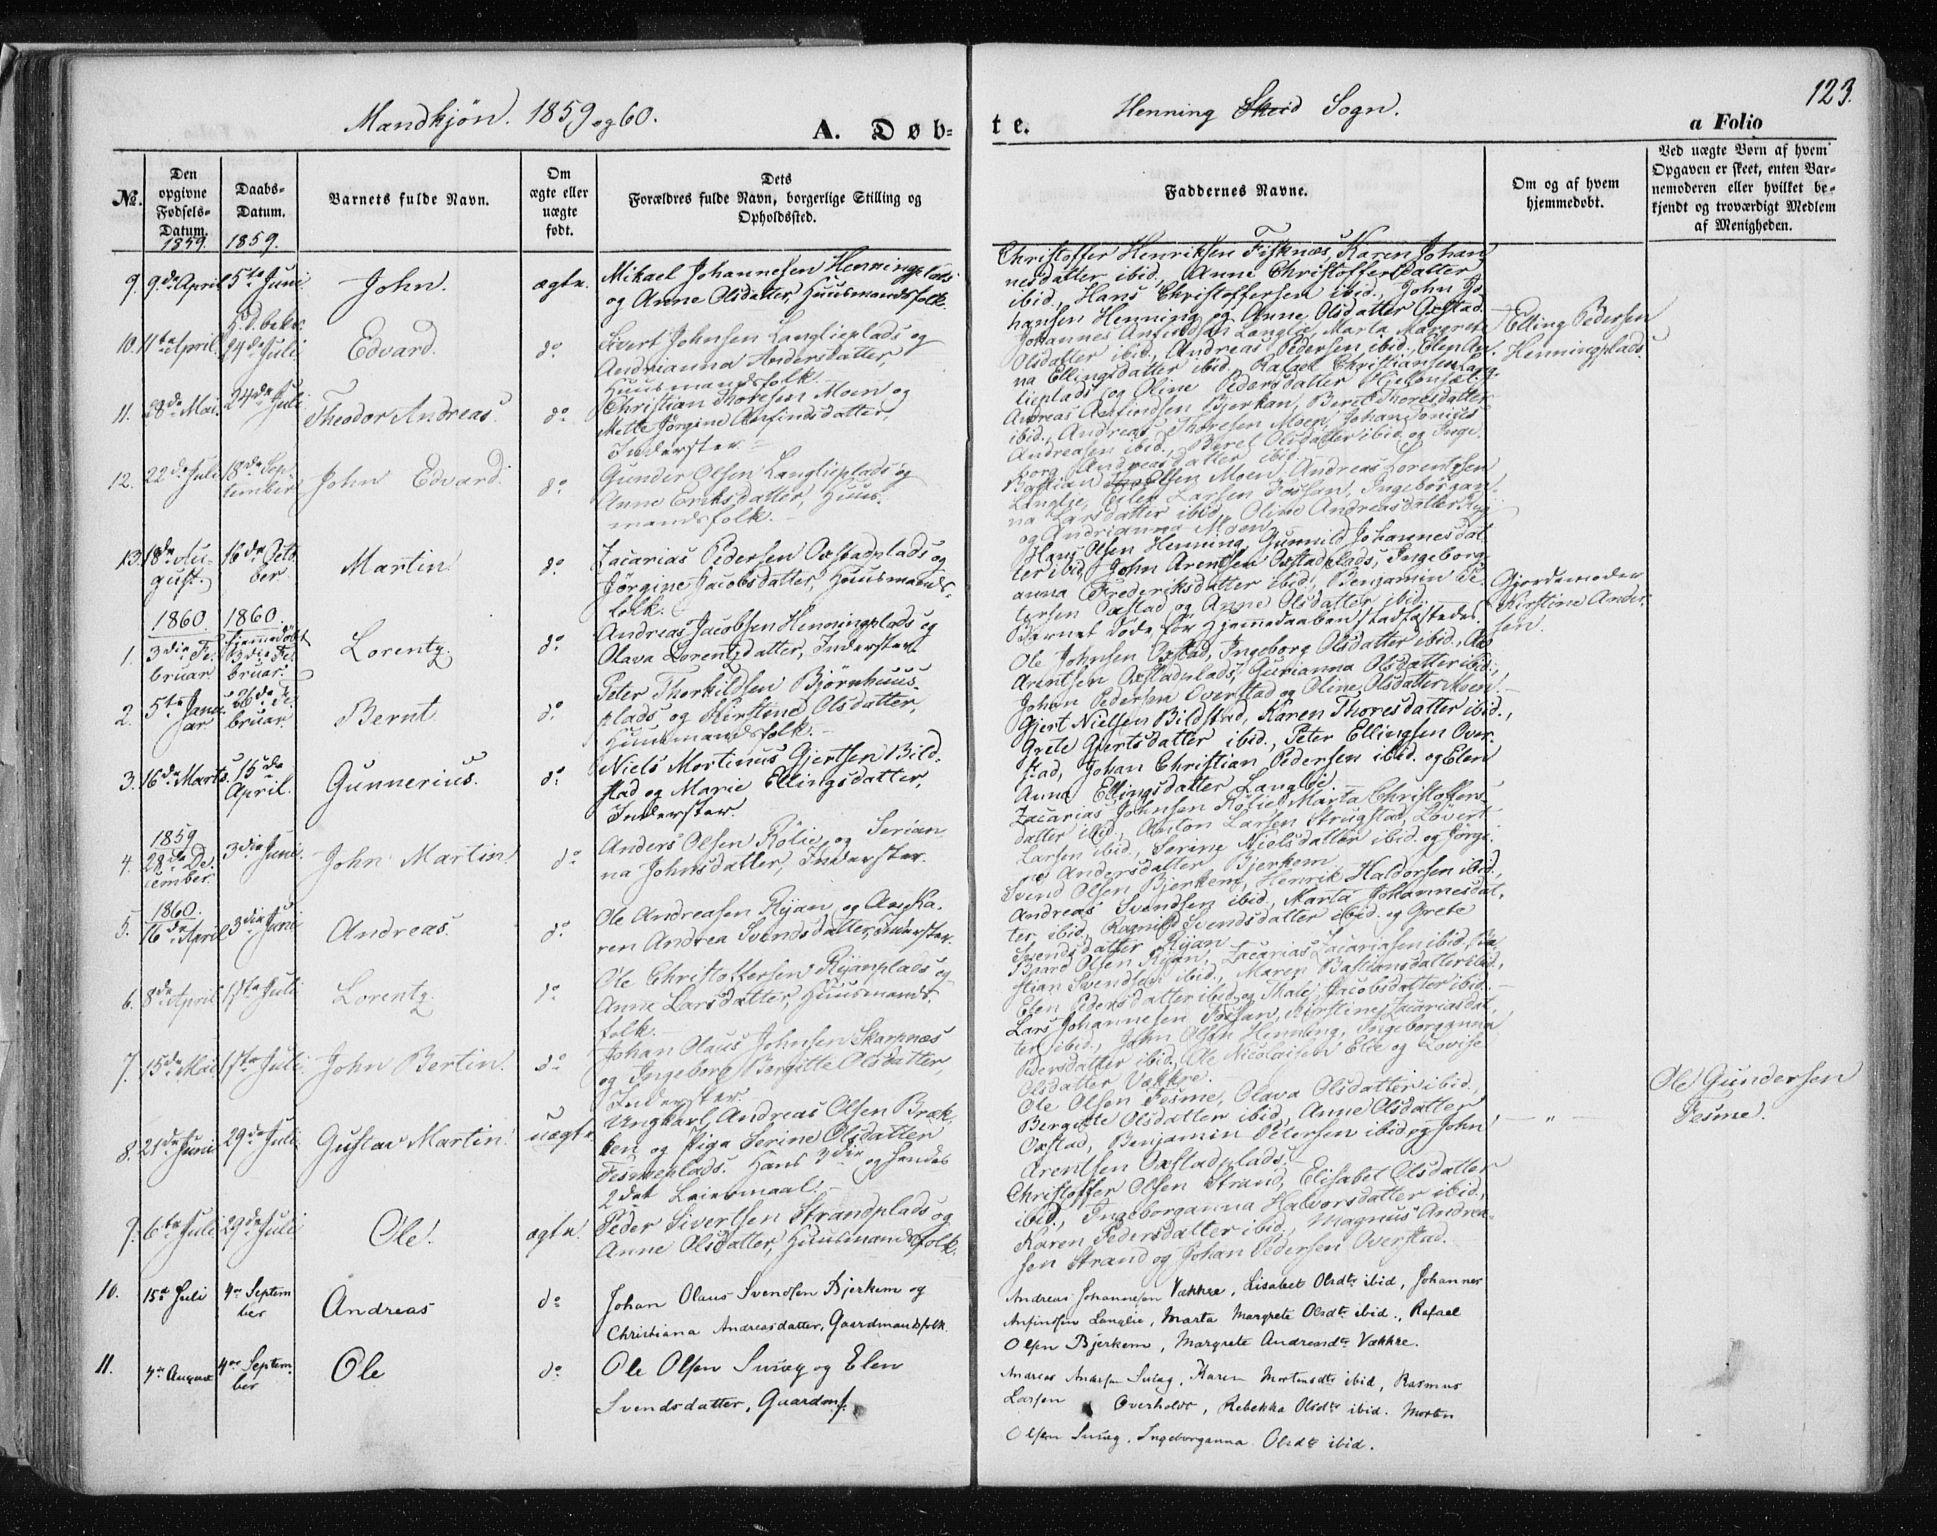 SAT, Ministerialprotokoller, klokkerbøker og fødselsregistre - Nord-Trøndelag, 735/L0342: Ministerialbok nr. 735A07 /3, 1849-1862, s. 123